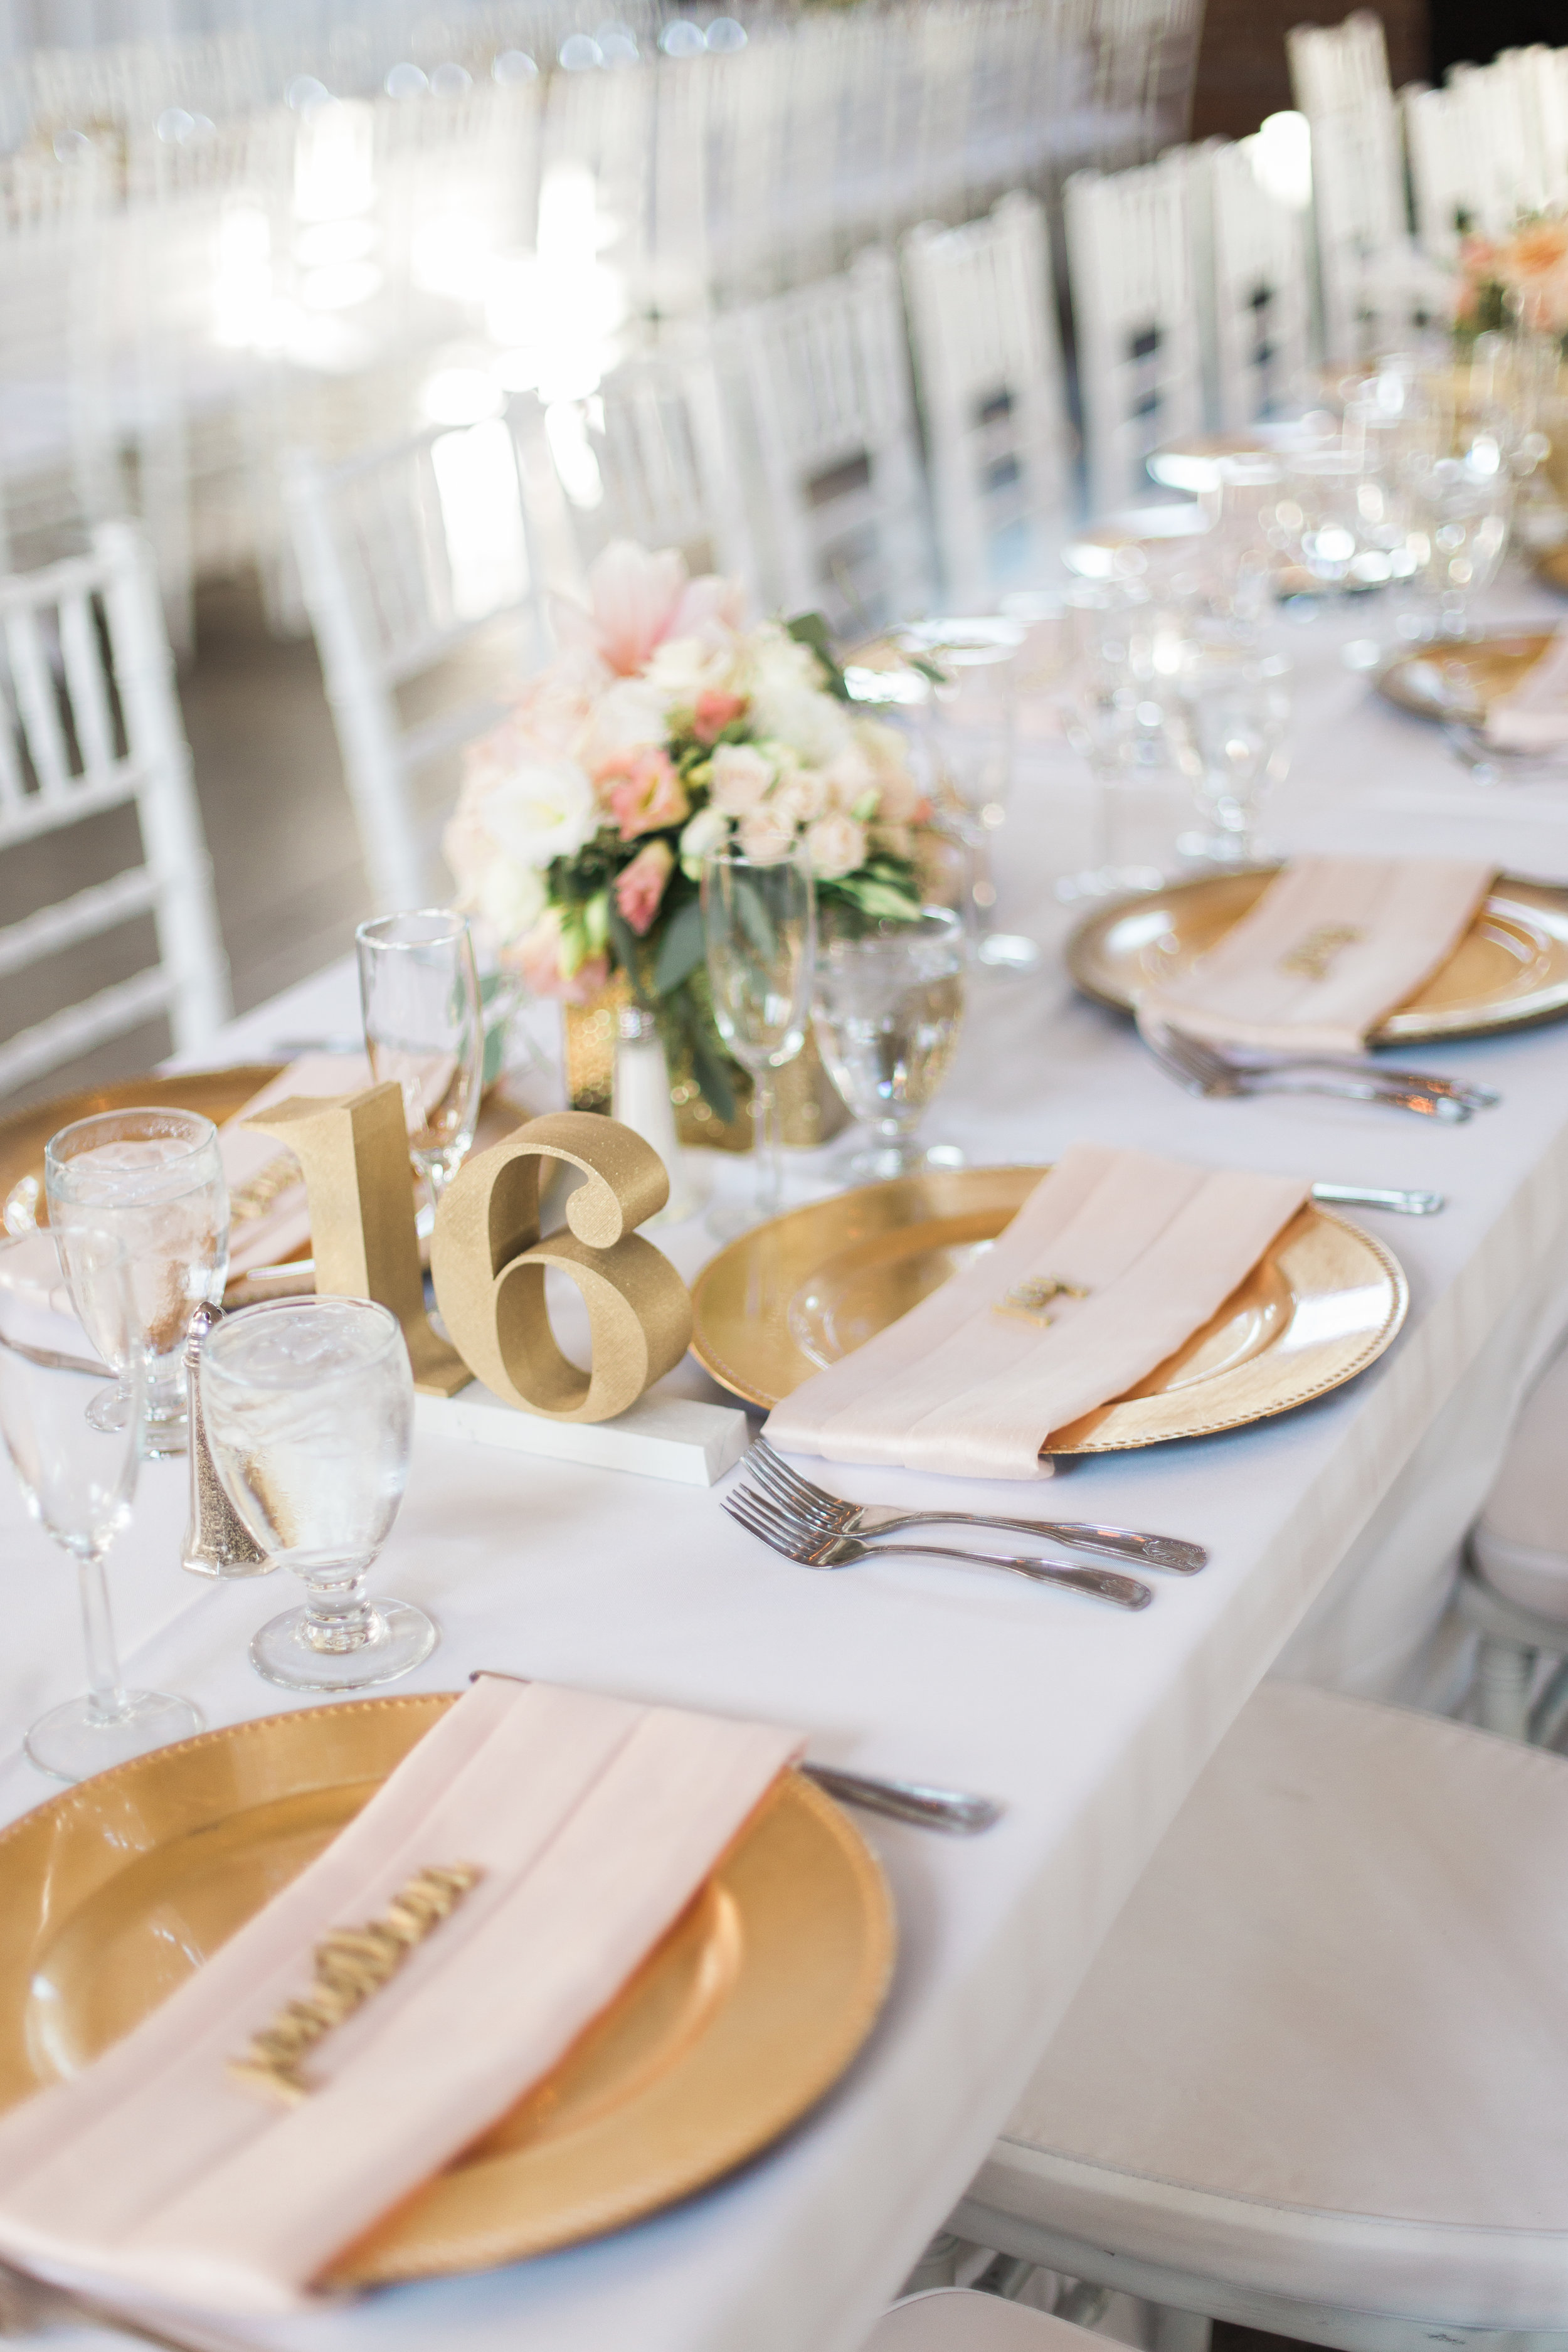 brick-san-diego-wedding-planner-best-wedding-planner-southern-california134.jpg